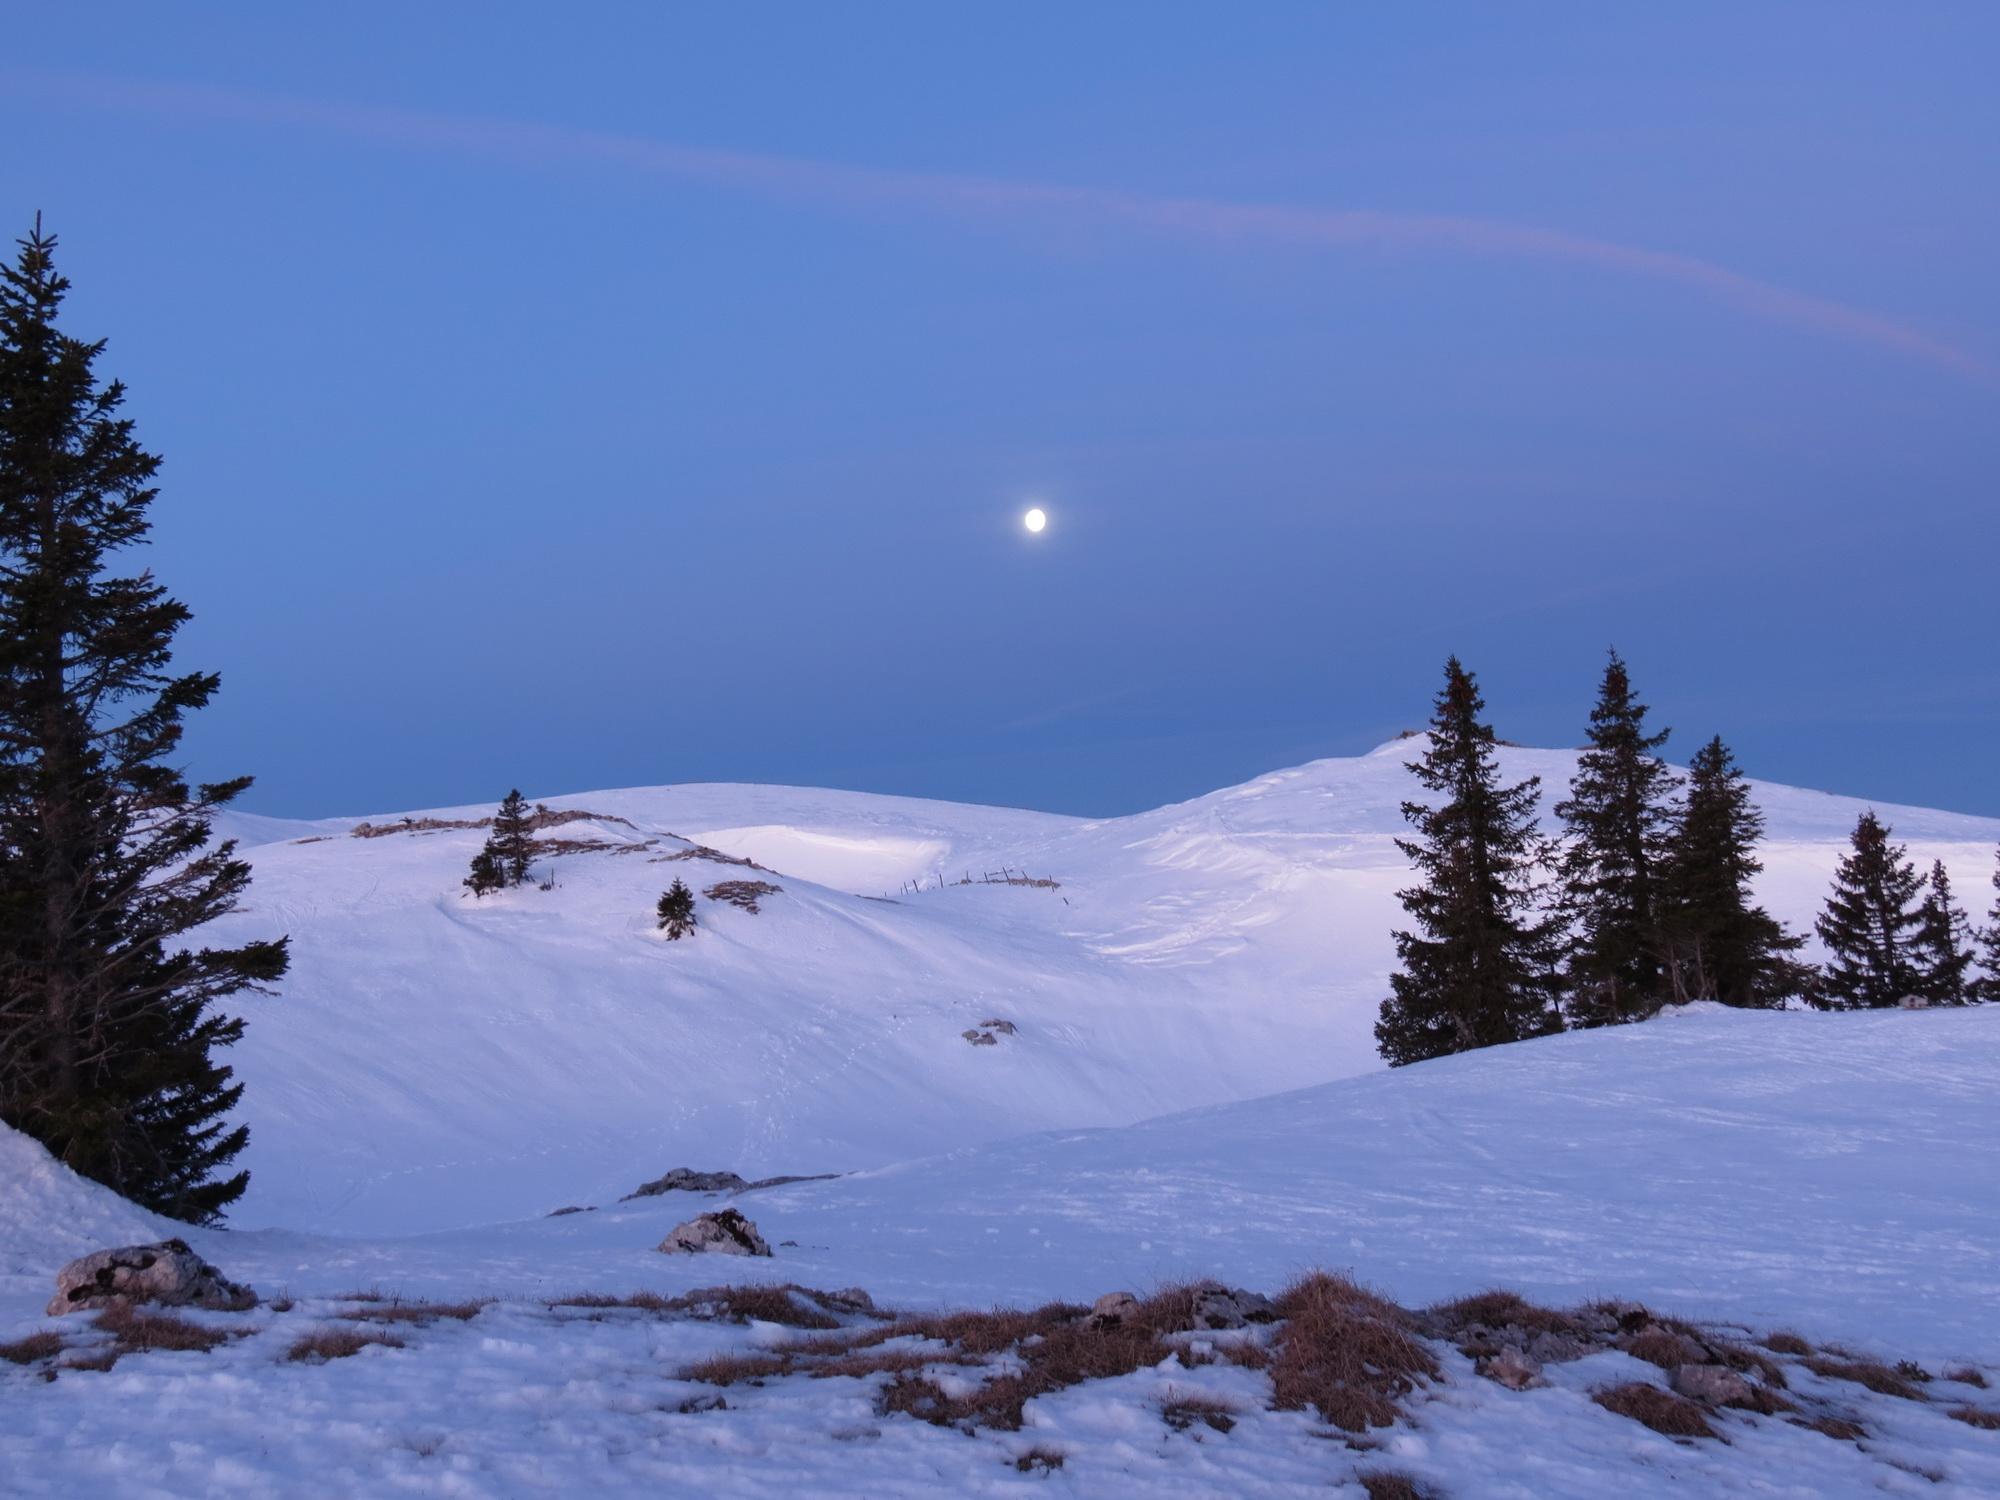 Les crêtes avec la pleine lune couchante